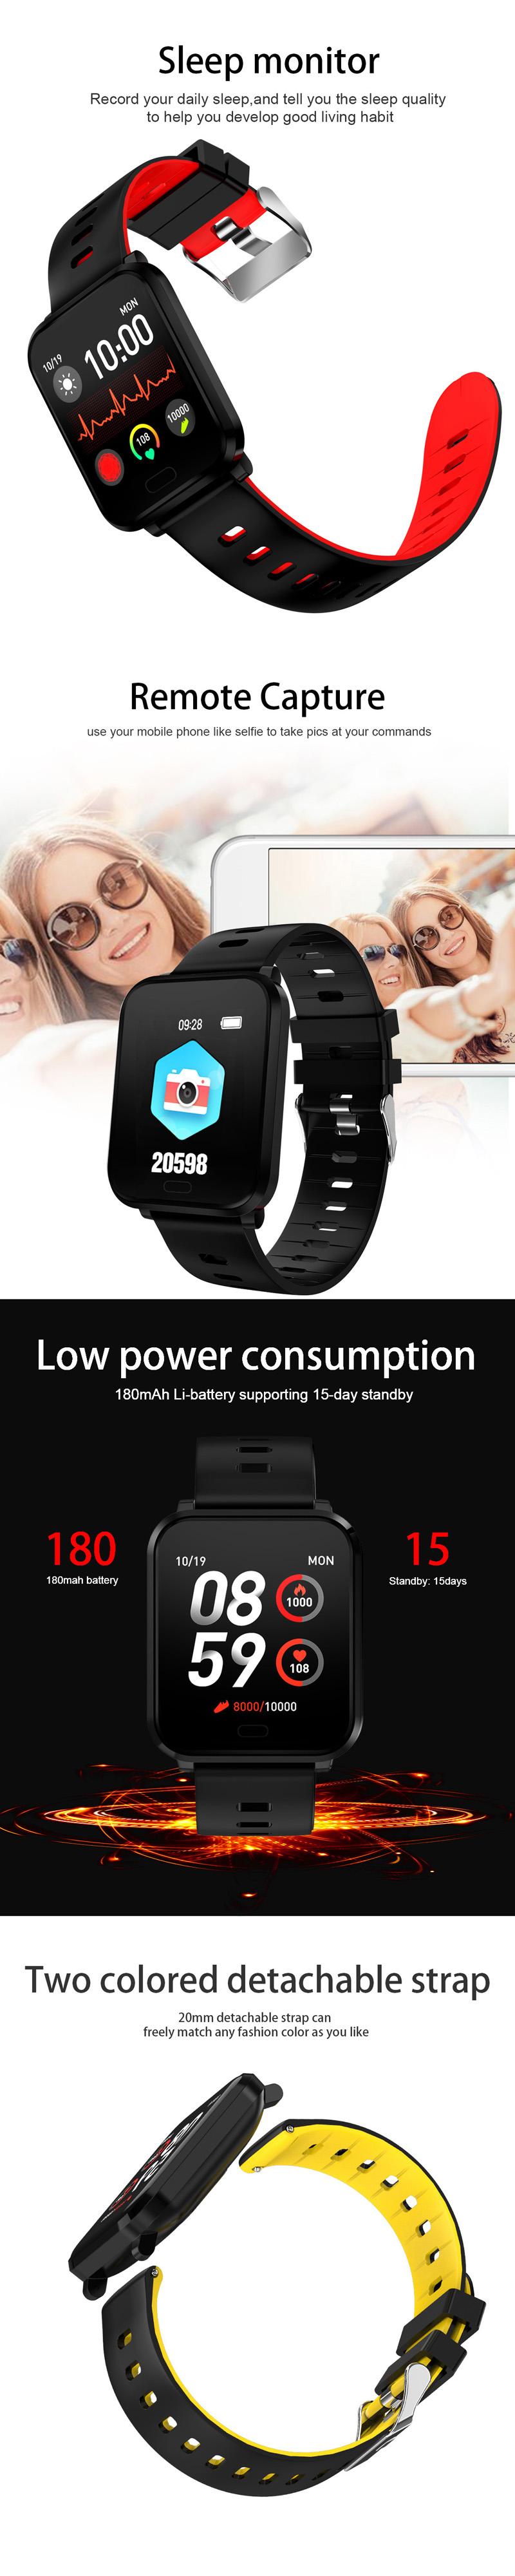 XANESK101,3-дюймовыйцветнойсенсорныйэкран Водонепроницаемы Smart Watch Несколько спортивных браслет Фитнес - фото 4